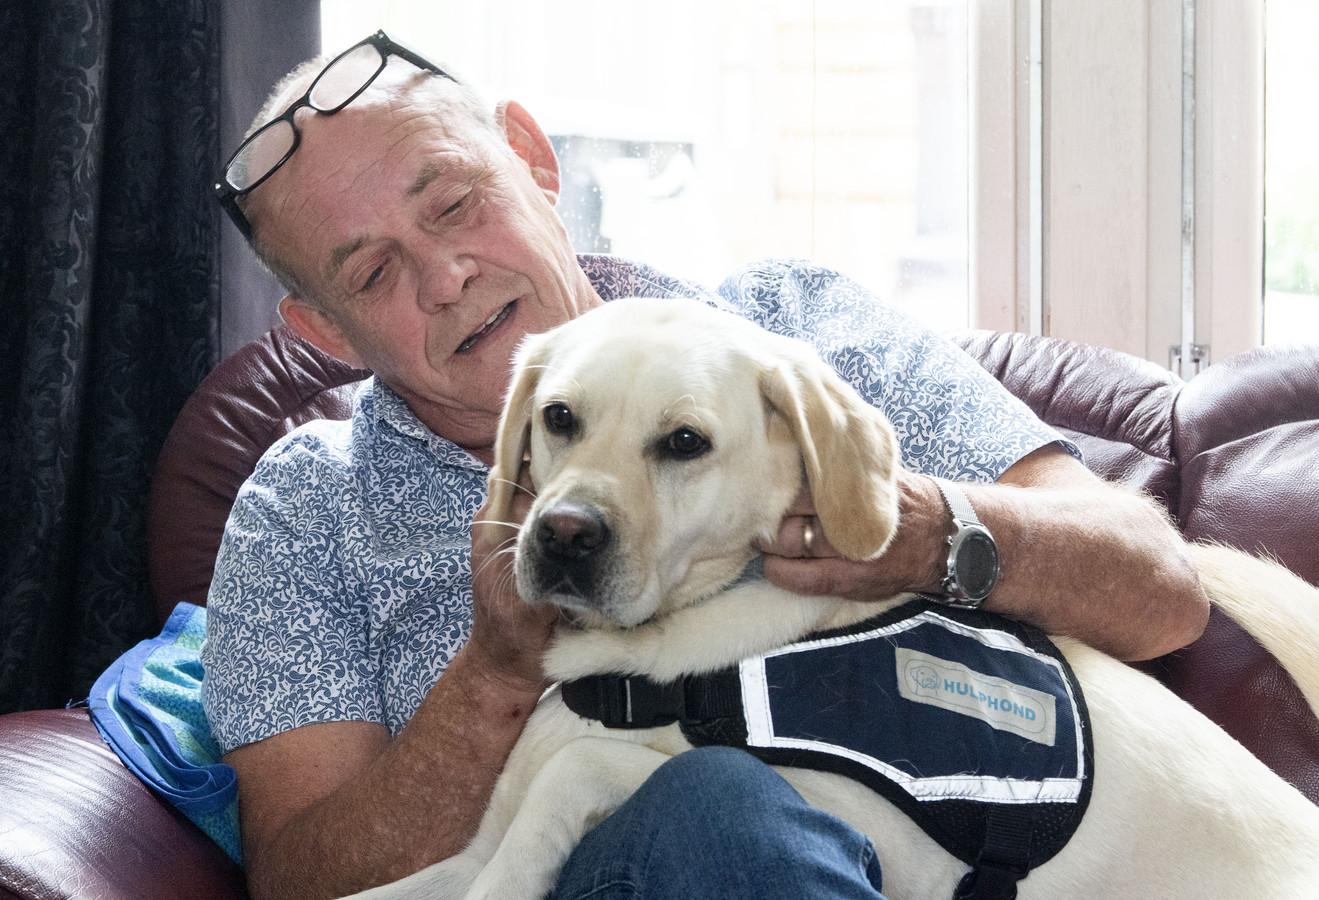 Johan Bins raakte gewond tijdens een vredesmissie in Libanon. Hij vecht nu al jaren met Defensie om een 'eerlijke' vergoeding. Hulphond Bixie helpt hem de stress en spanningen te verwerken.